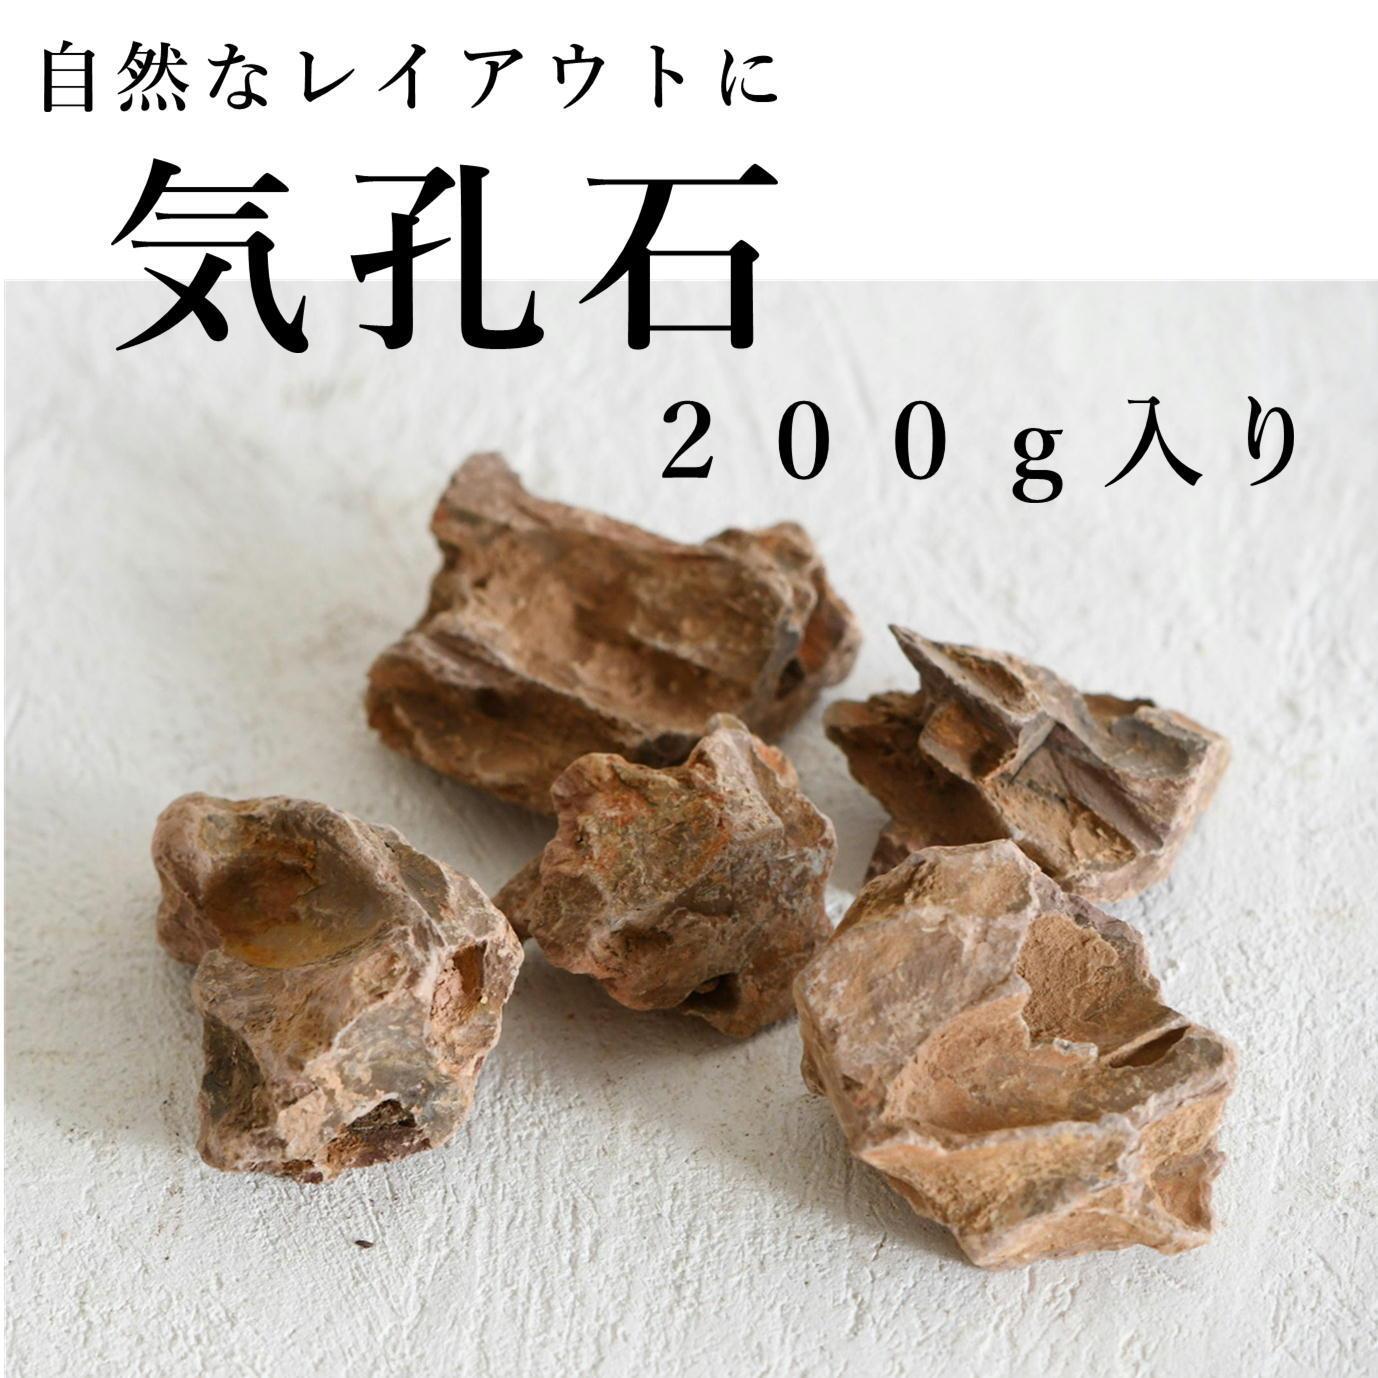 気孔石 200g入り【レイアウト用・着生用】